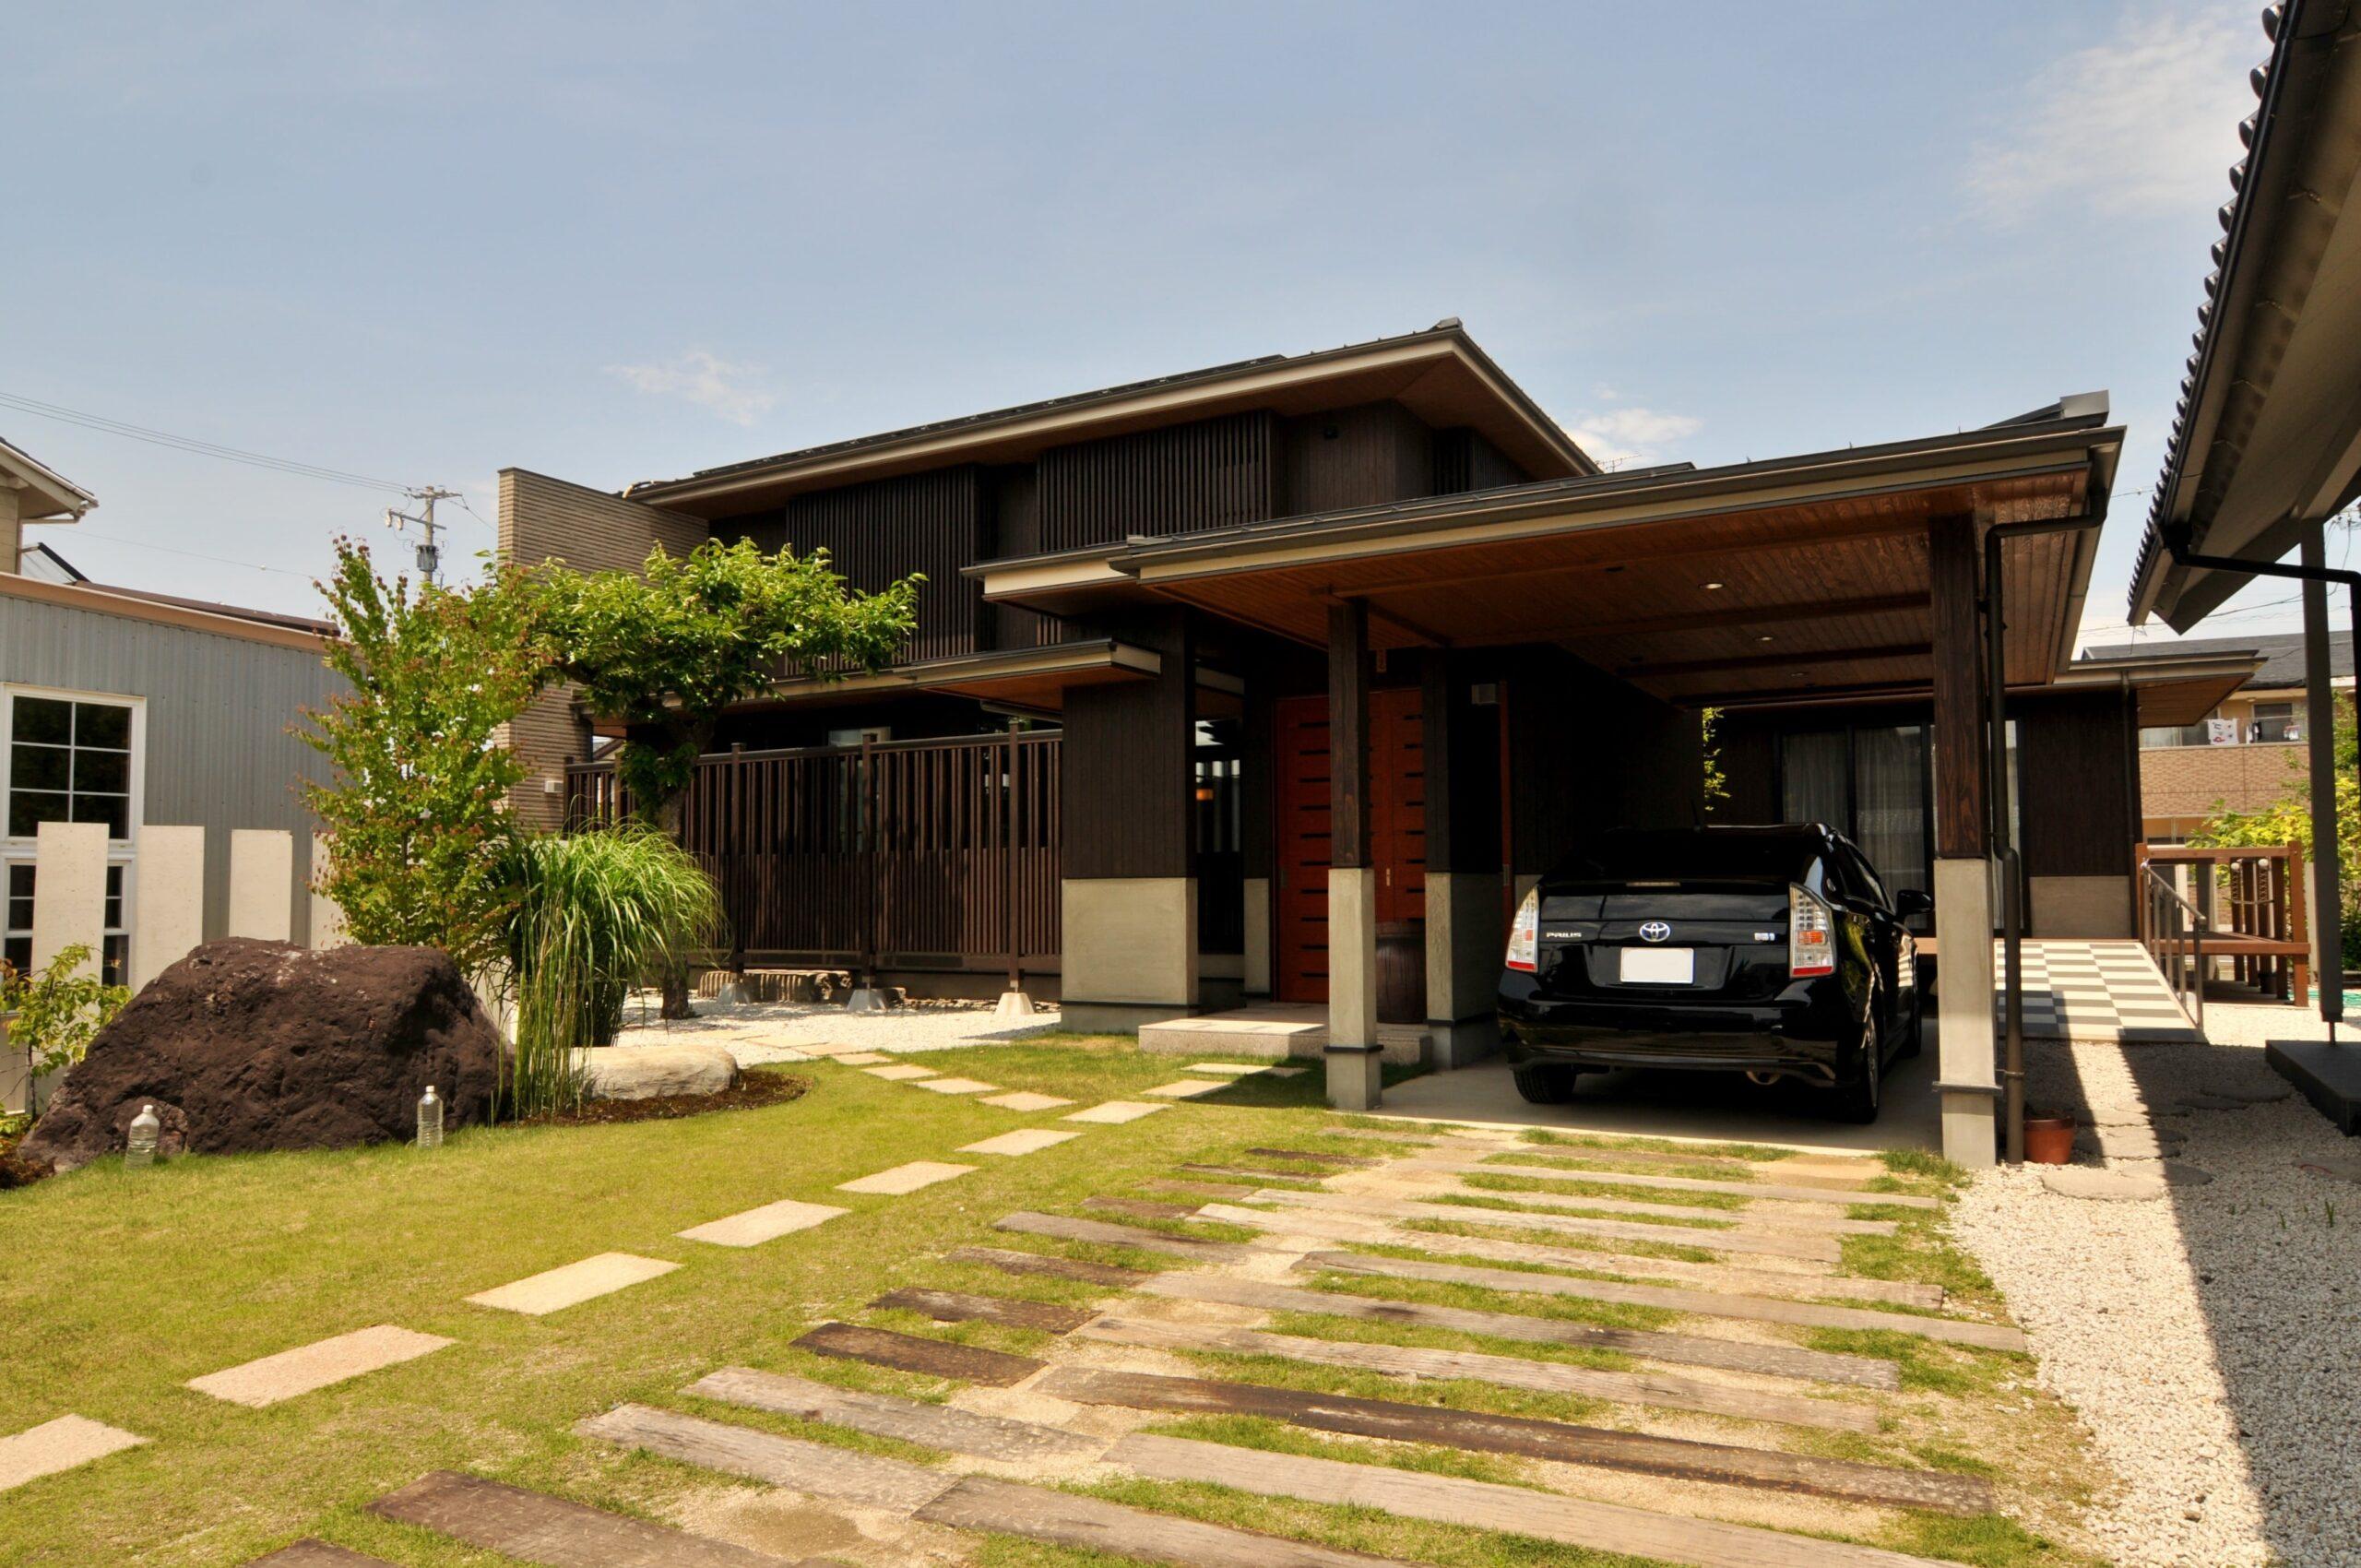 「創業40年の工務店」一級建築士事務所、愛知・小牧市「和田建設」が設計デザイン・改築リフォームした、愛知県名古屋市の注文住宅です。